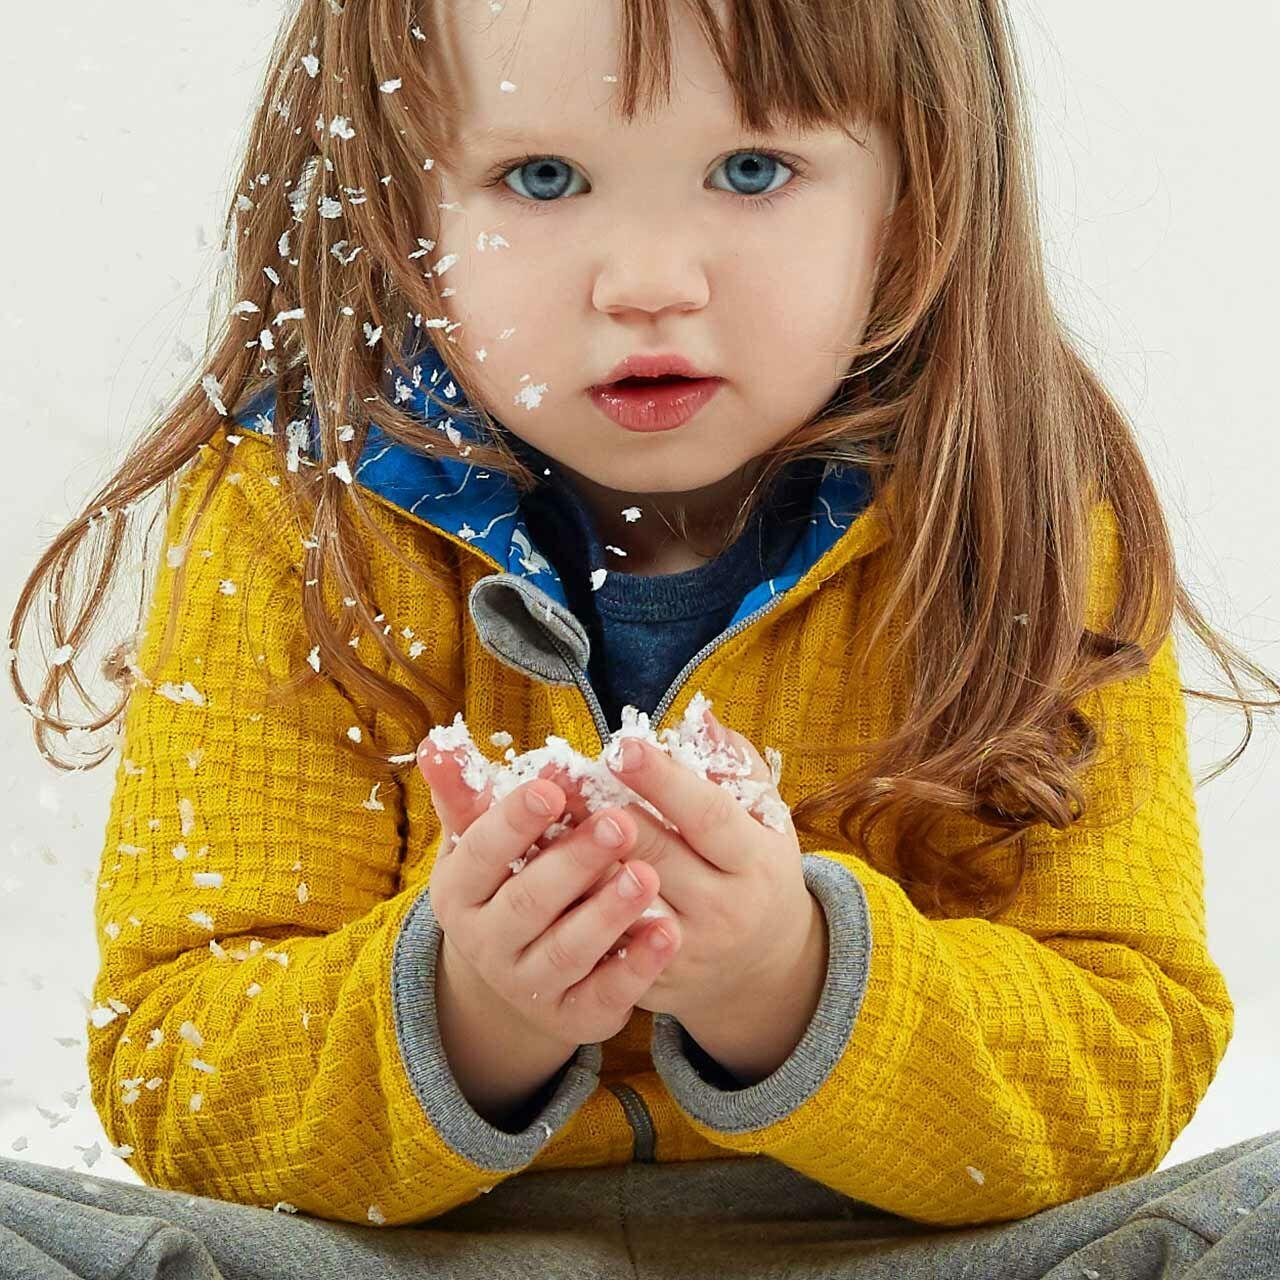 Téli Designer gyerekruha kollekció